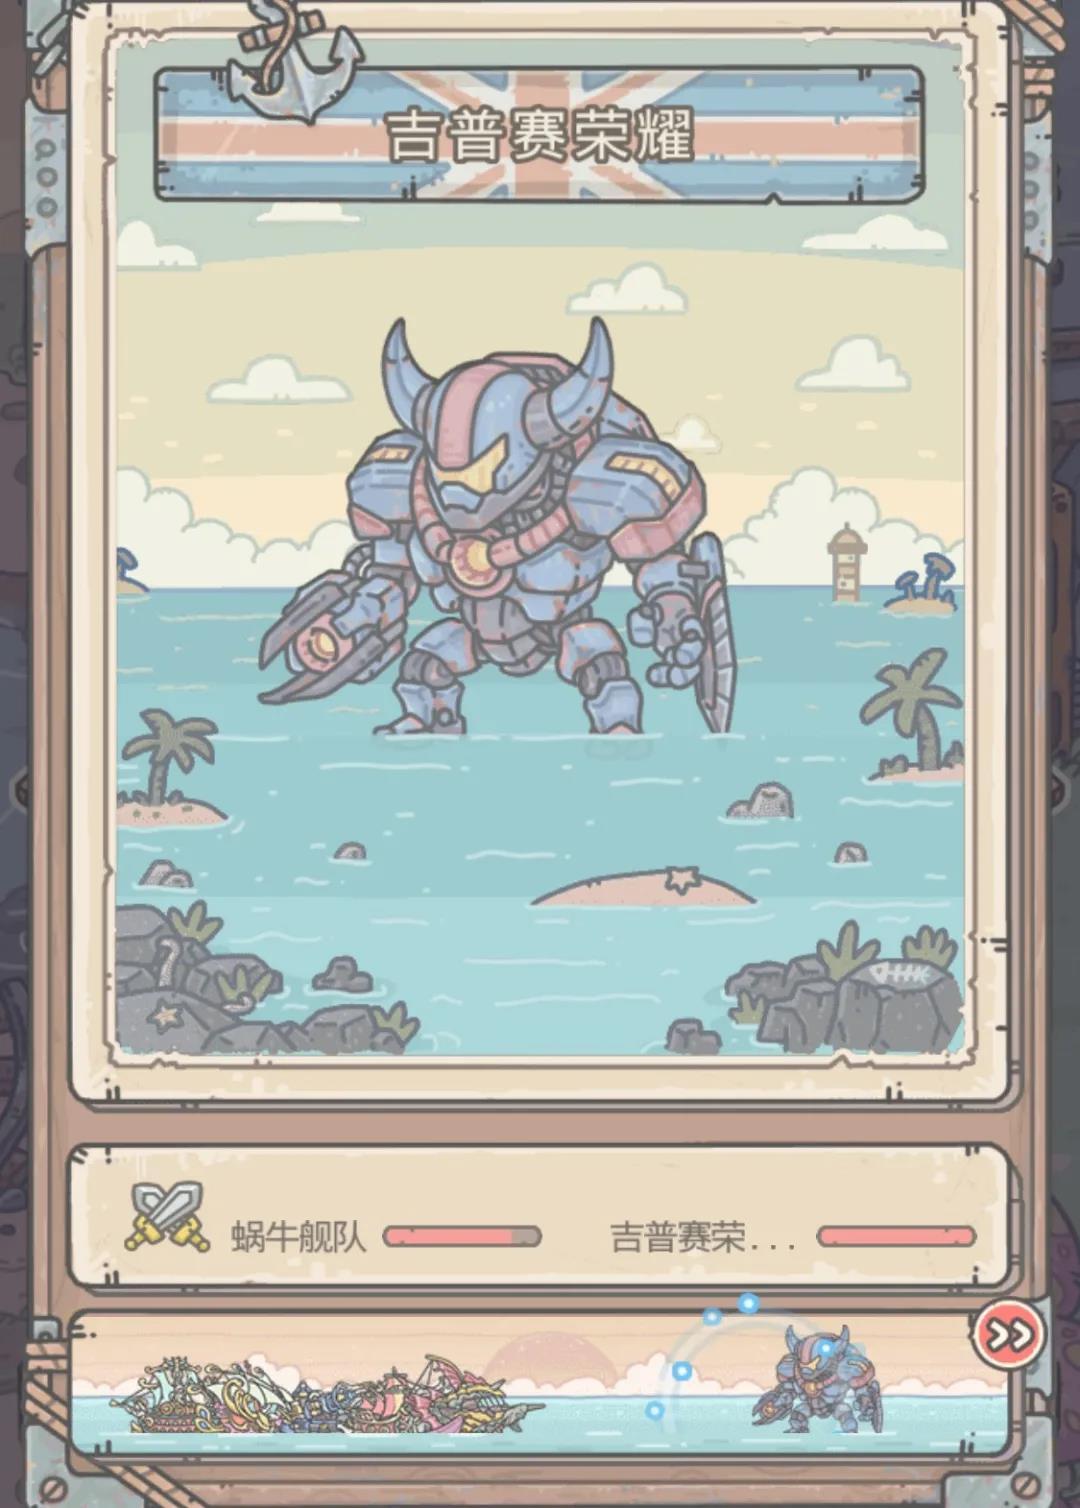 最强蜗牛不思议海域吉普赛荣耀介绍 吉普赛荣耀奖励说明